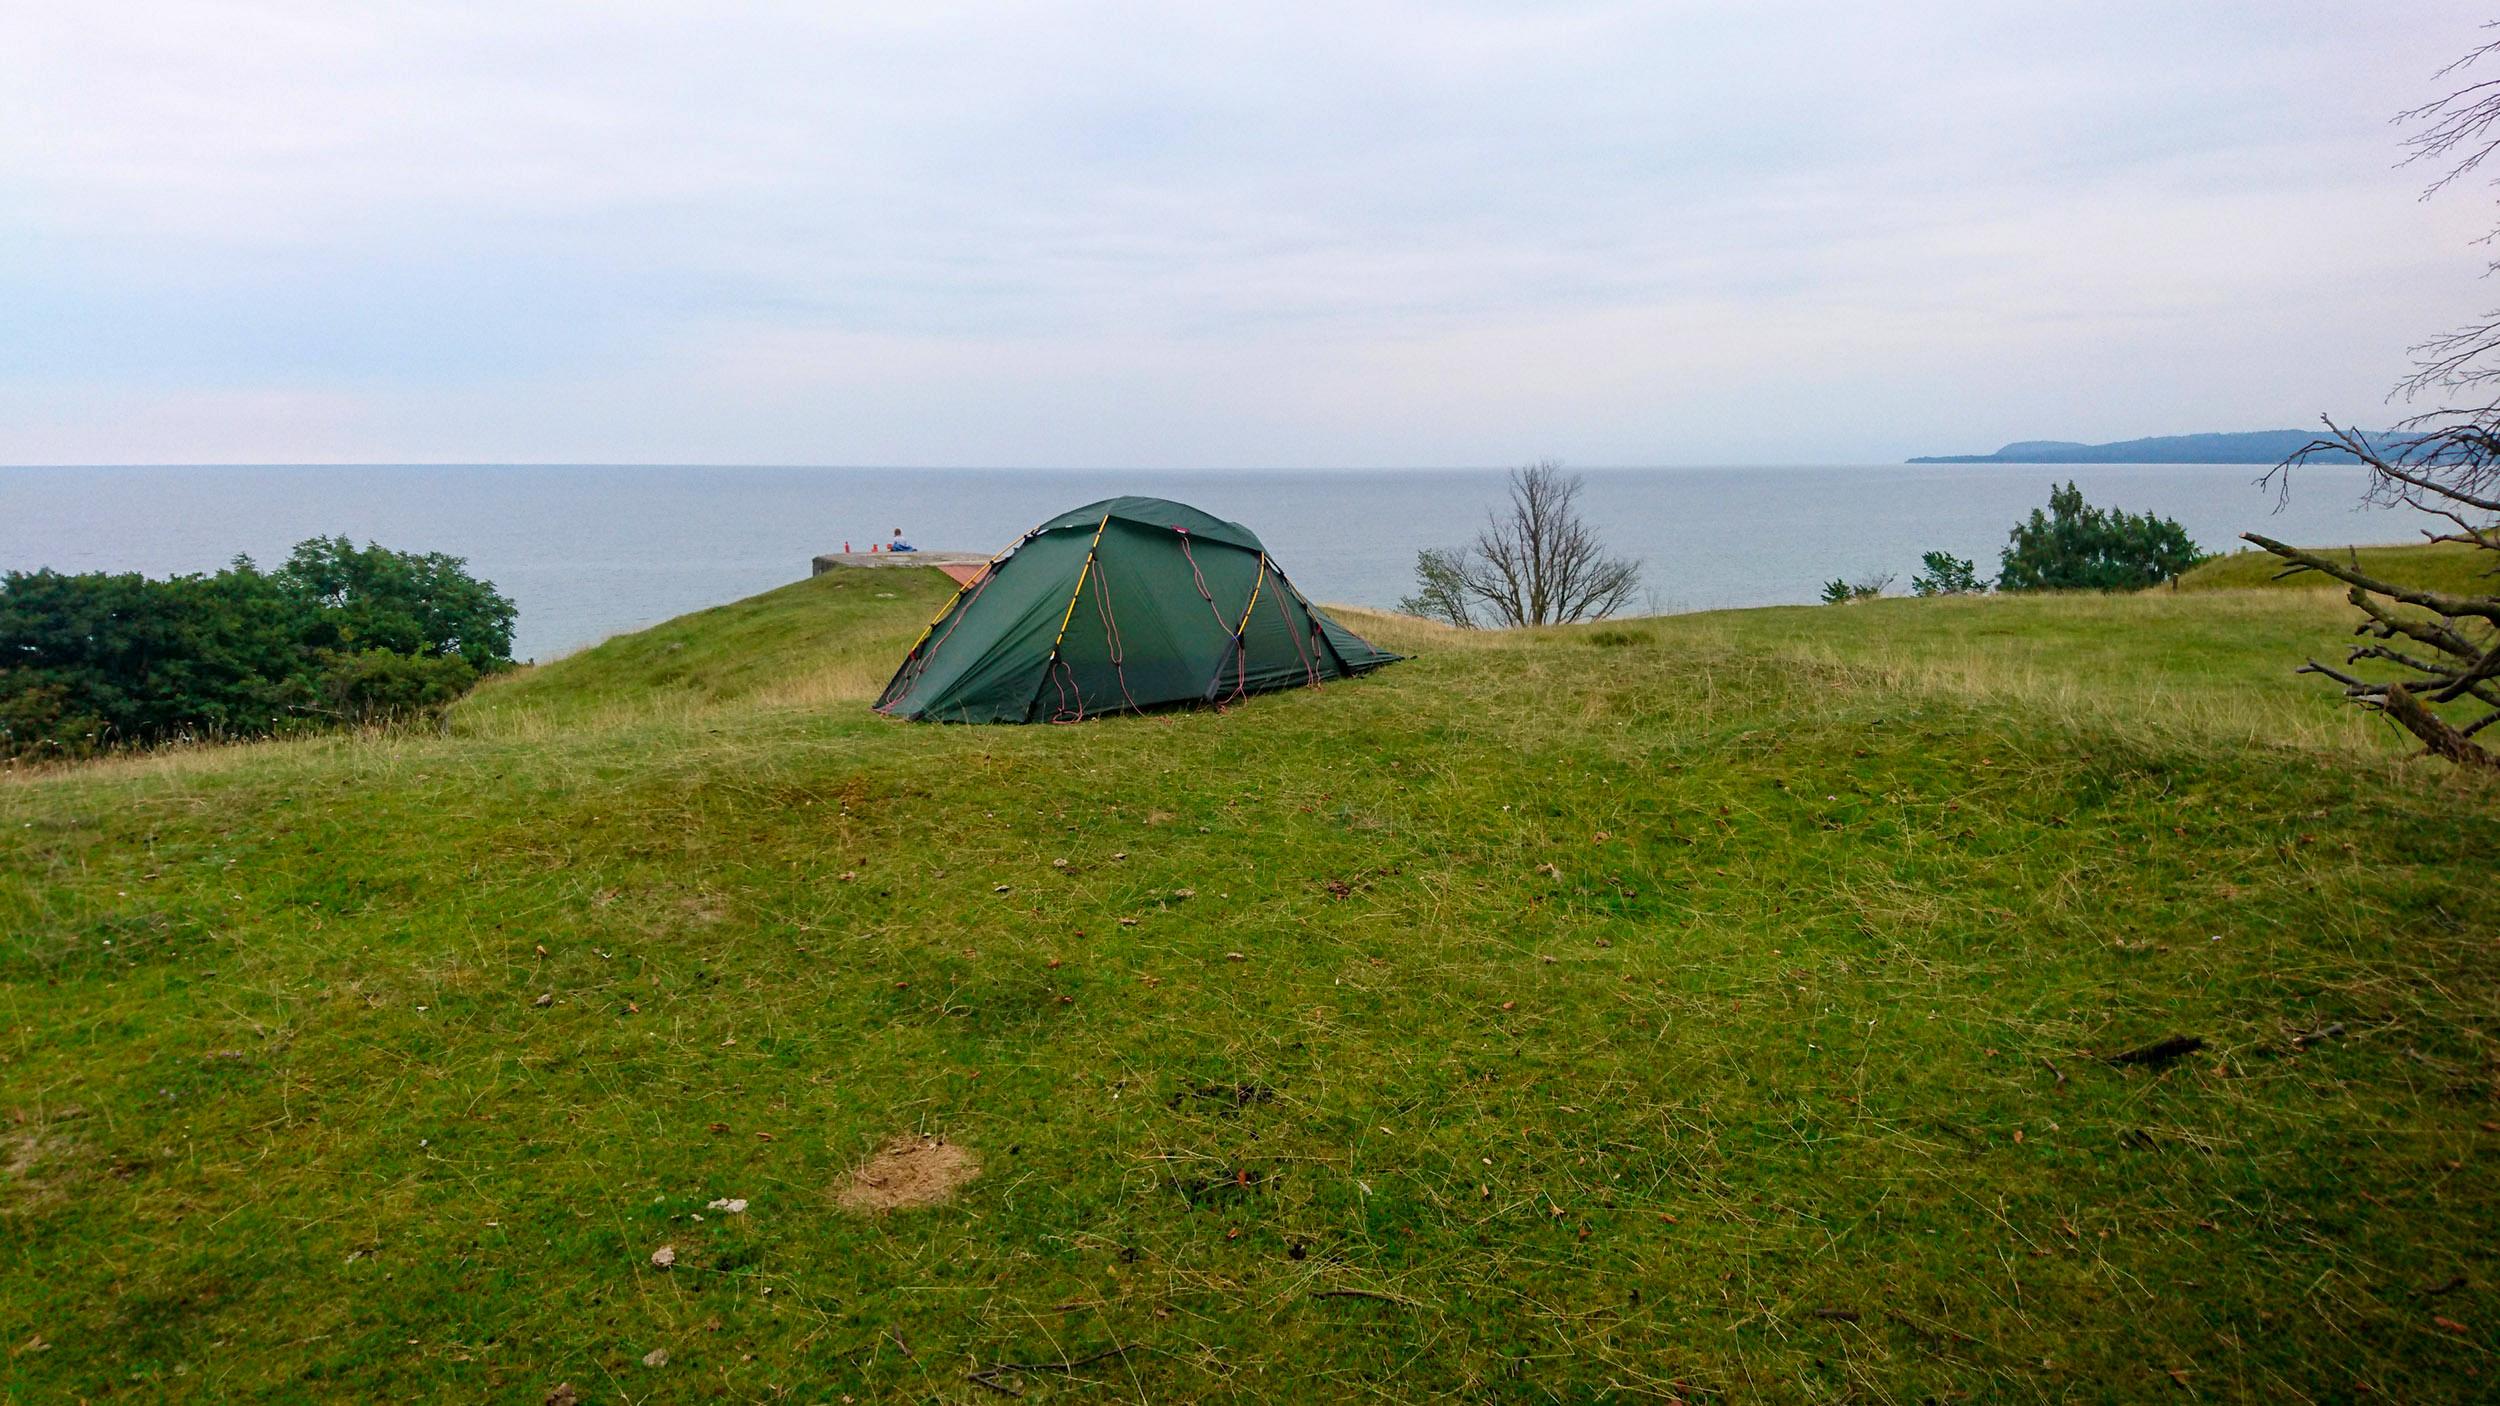 Utsikt över Hanöbukten och ett stilla hav.